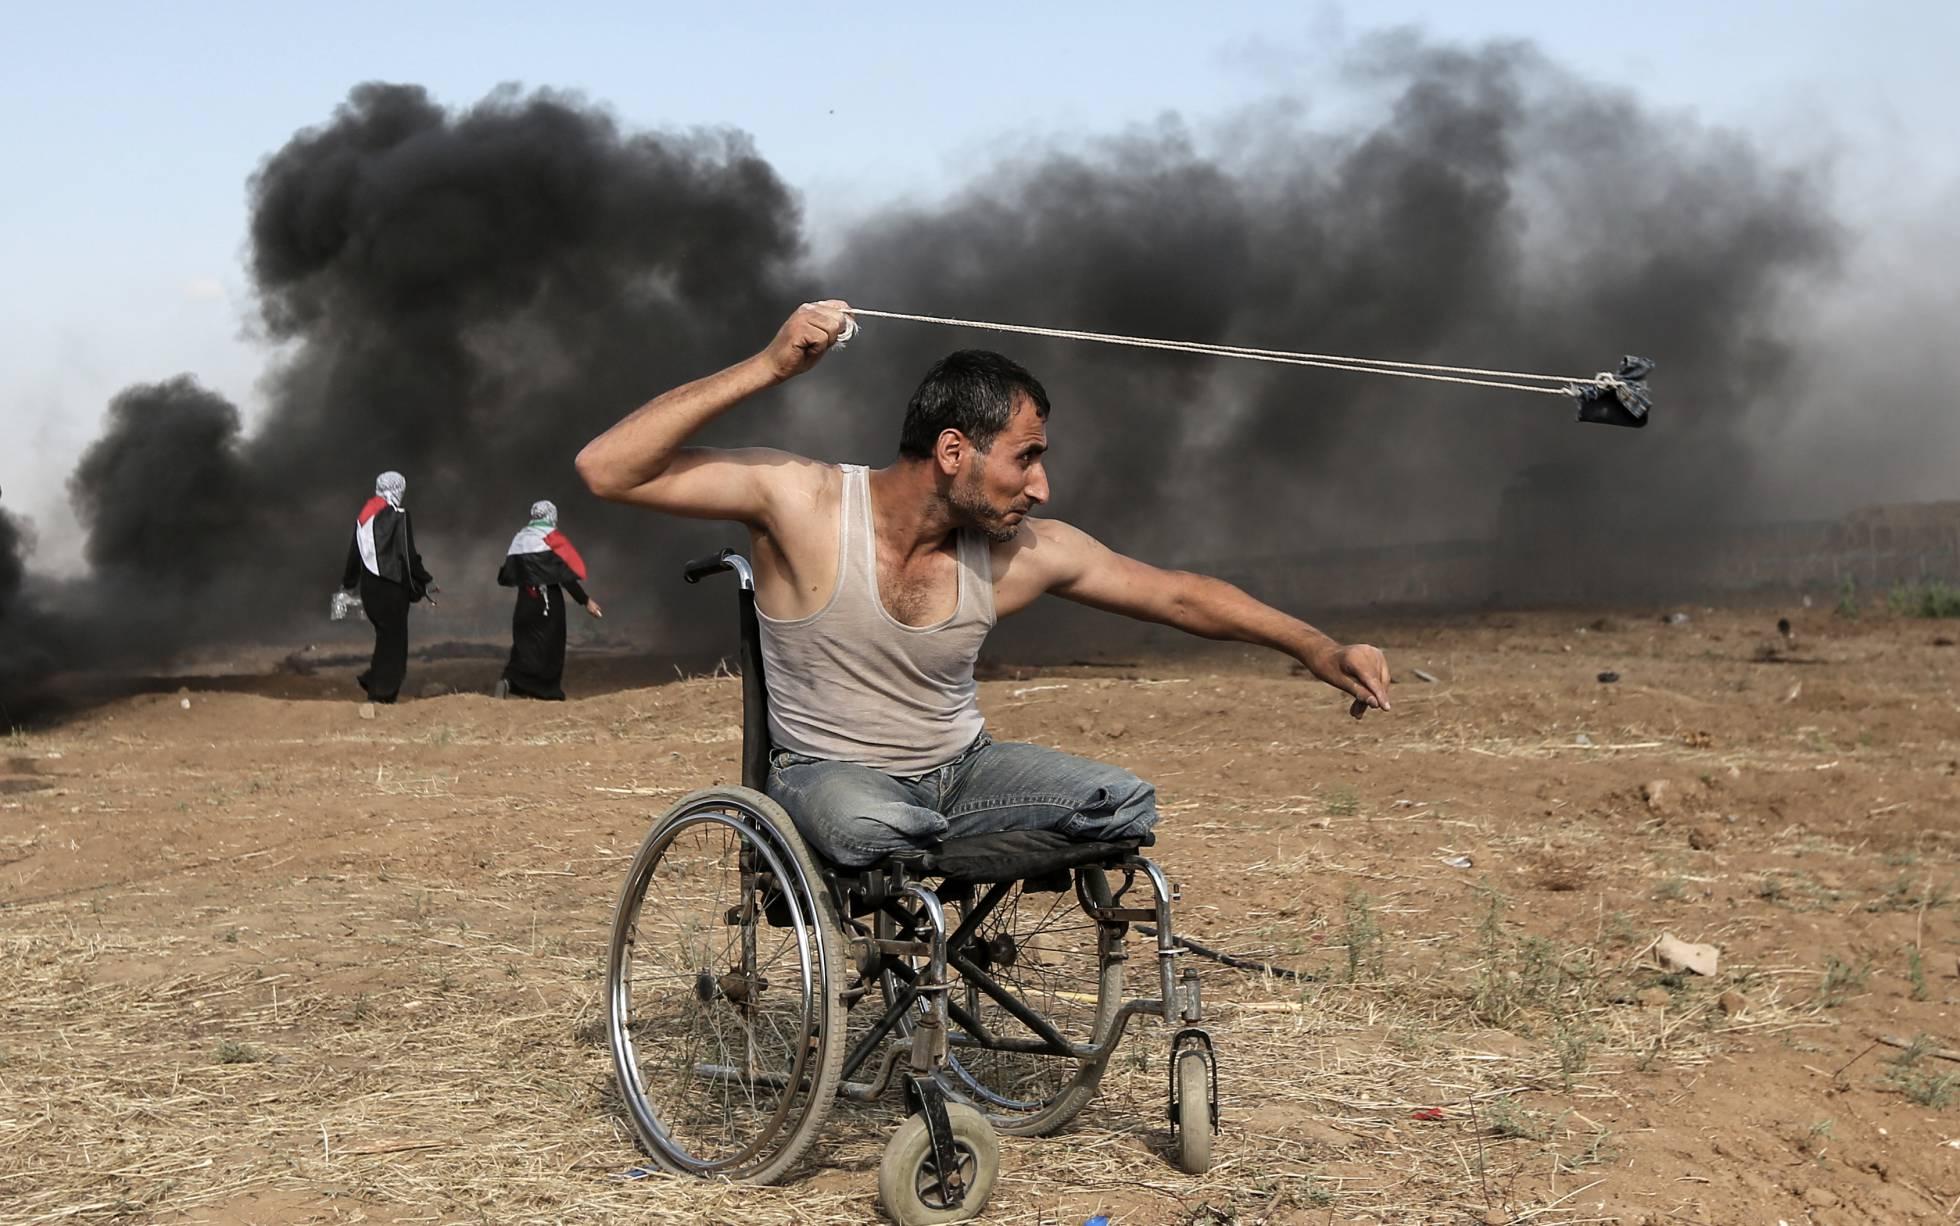 Palestina: Violencia ejercida por Israel en la ocupación. Respuestas y acciones militares palestinas. - Página 17 1526913199_694699_1526920009_sumario_normal_recorte1